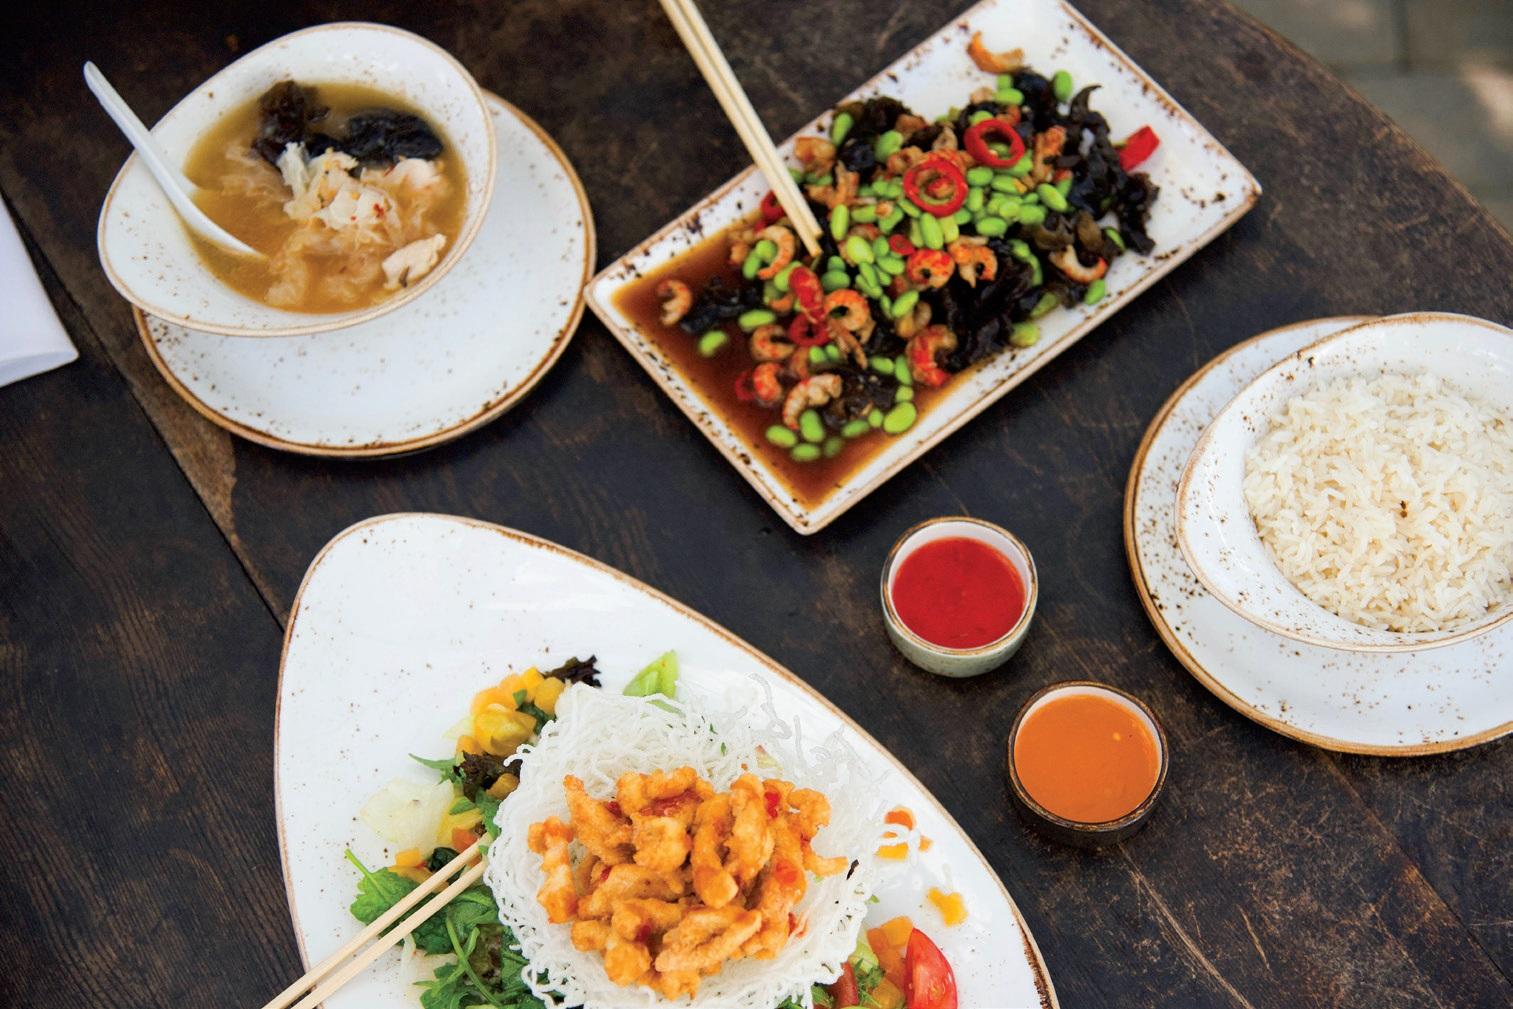 Restorane vyrauja net keturios virtuvės. Europietiška, kaukazietiška, itališka ir, galiausiai, – Azijos virtuvė